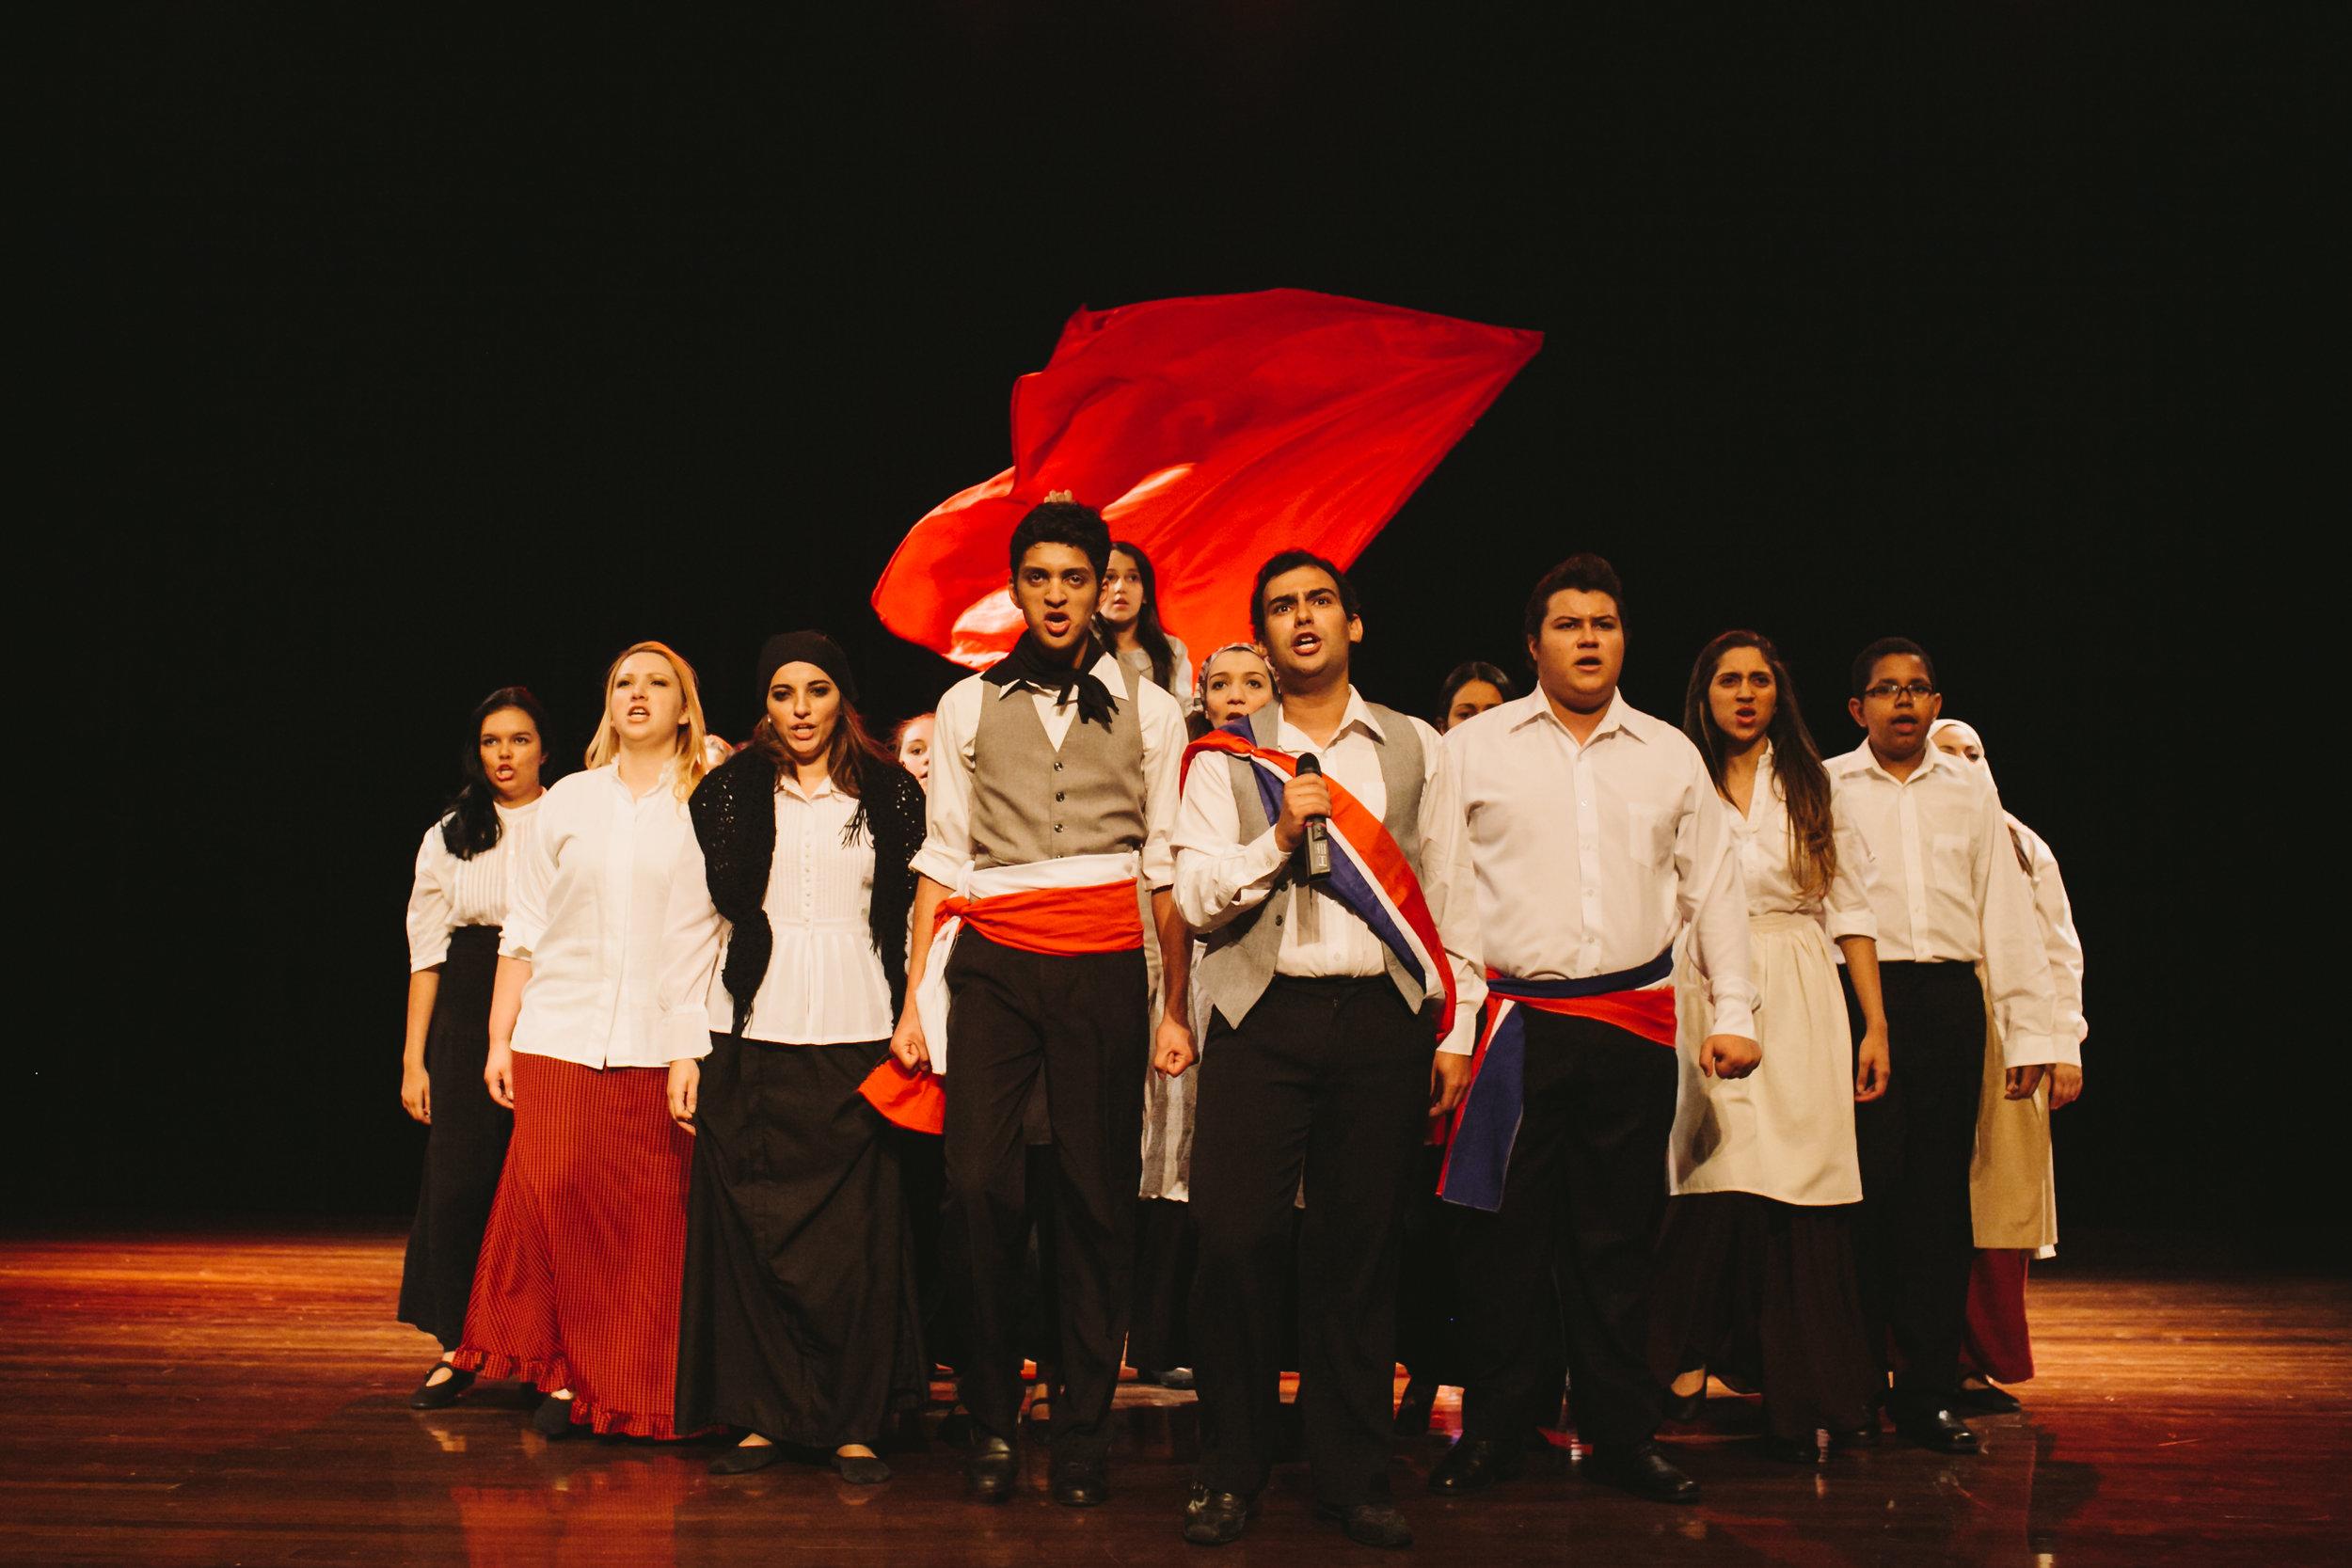 243_PRINT © Elisenda Llinares para Cia. de Teatro Musical Tatiana Gurgel.jpg